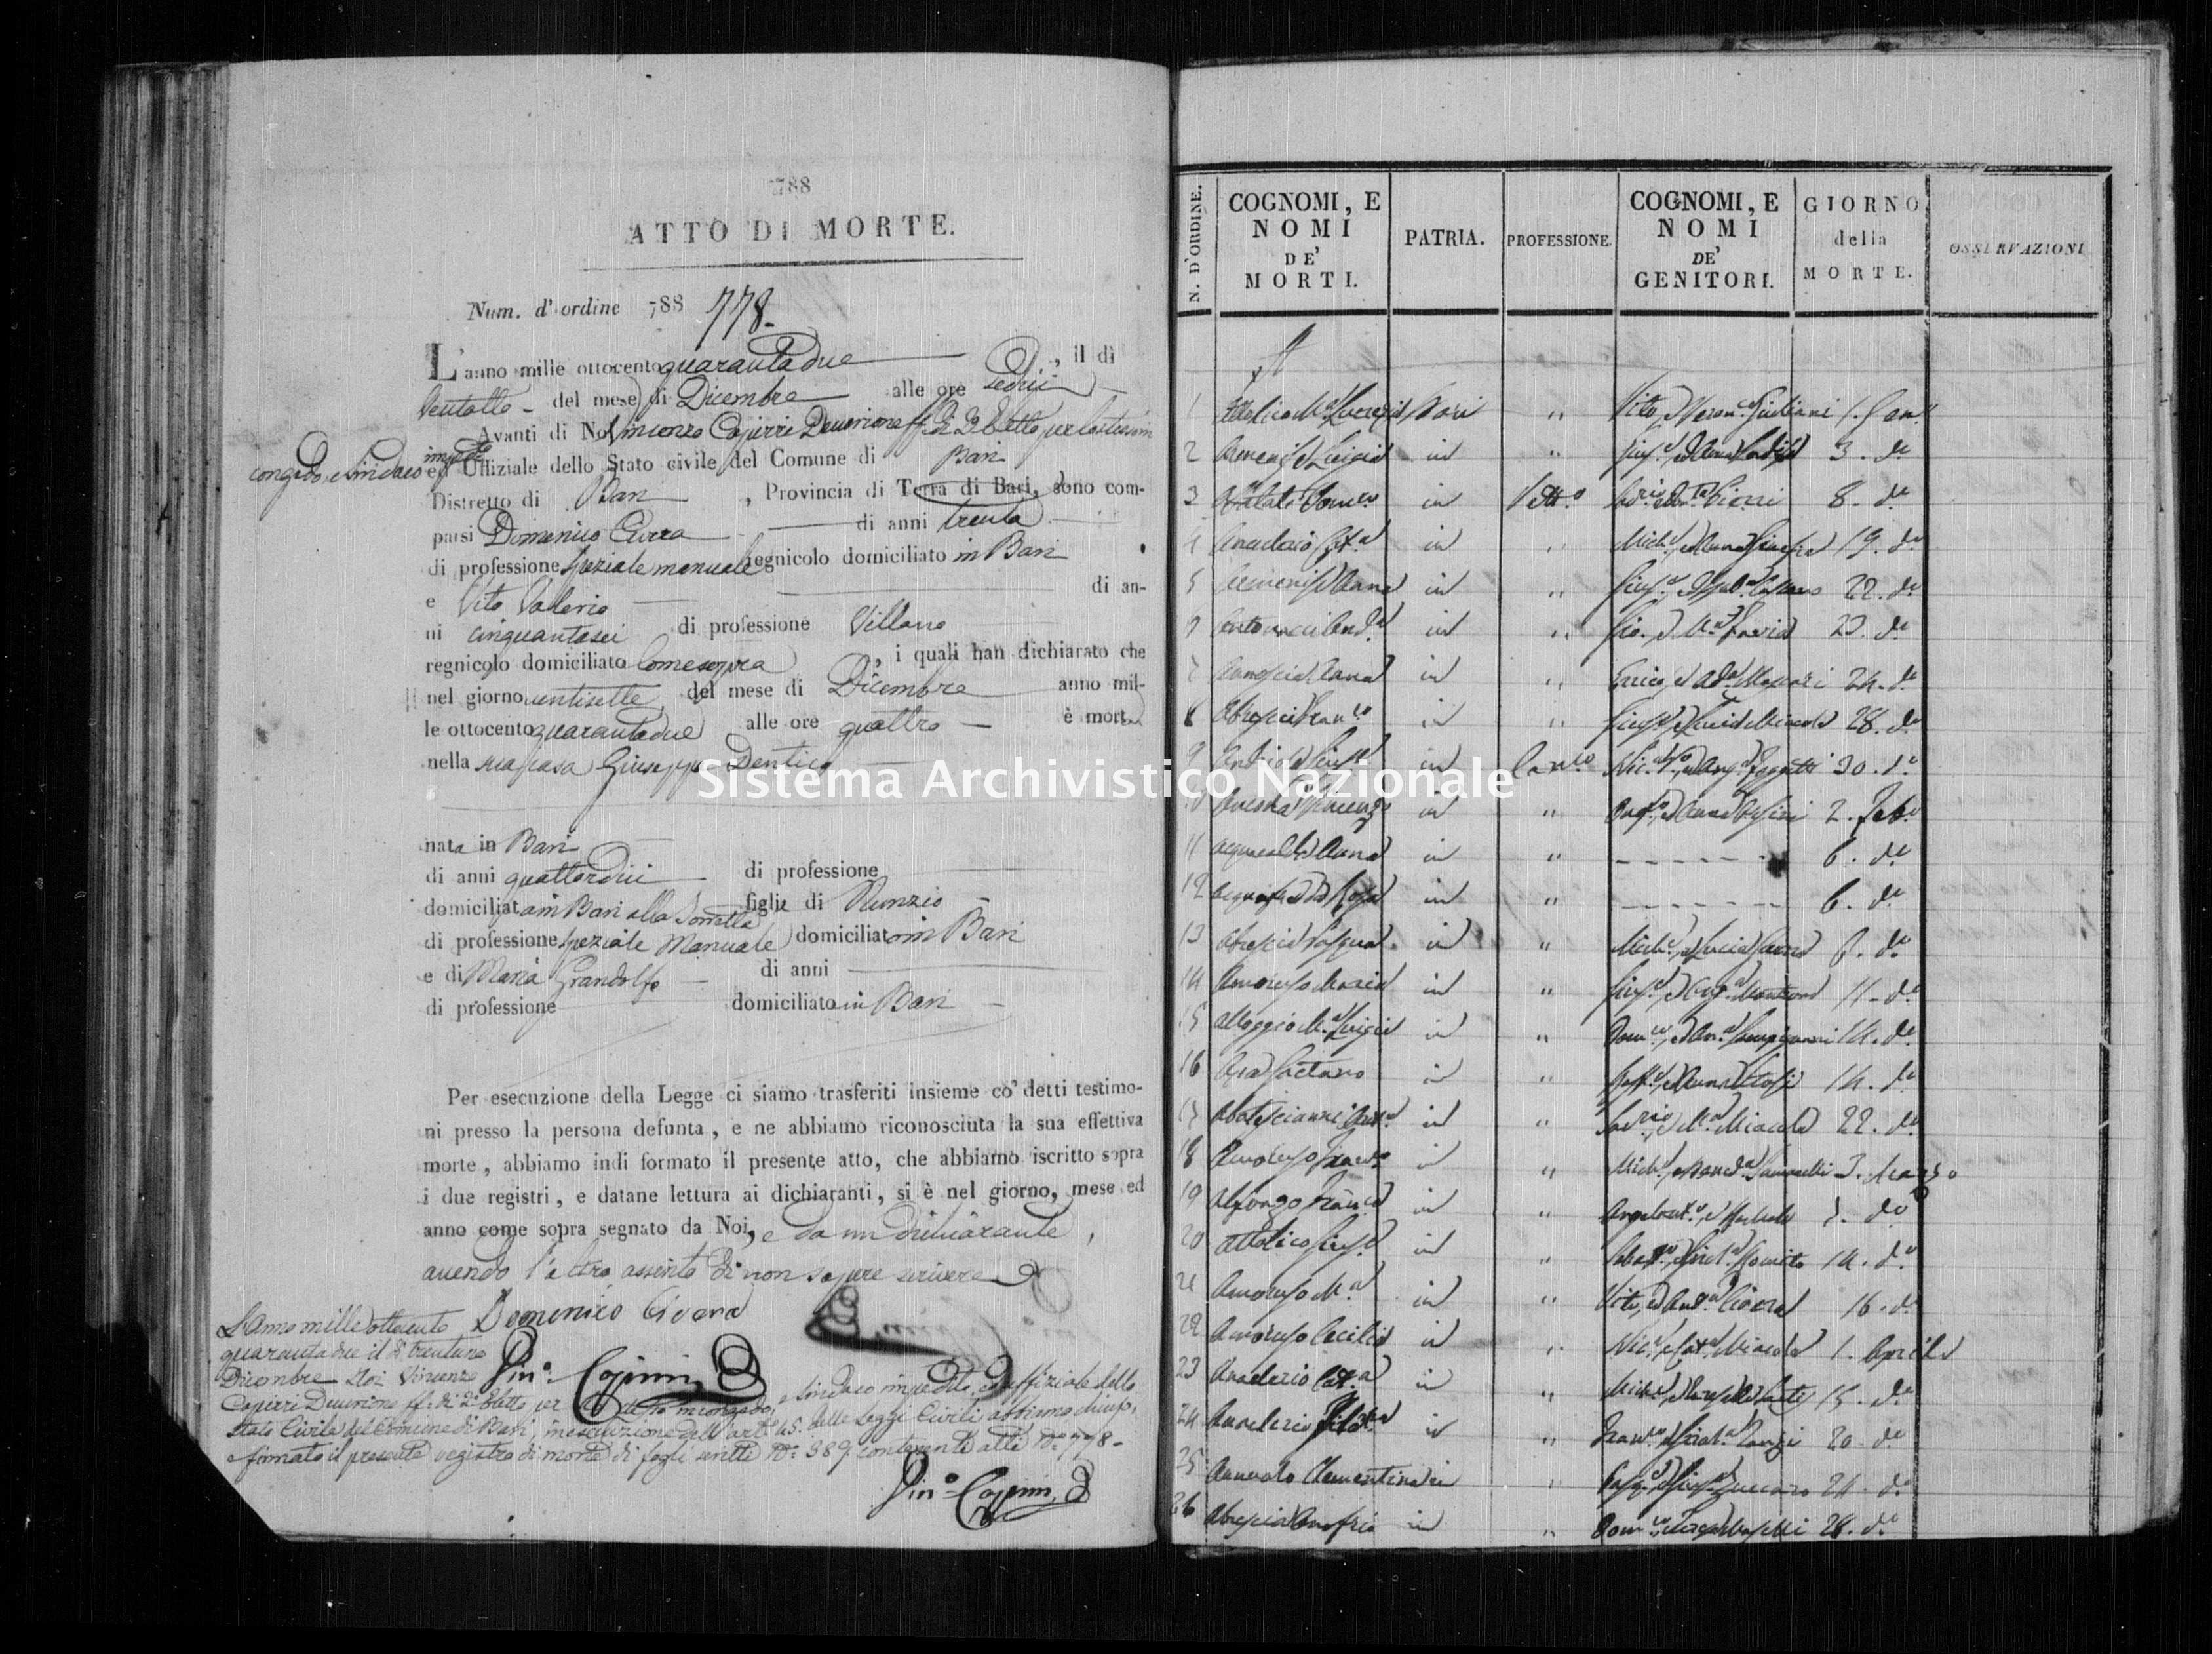 Archivio di stato di Bari - Stato civile della restaurazione - Bari - Morti, indice - 1842 -